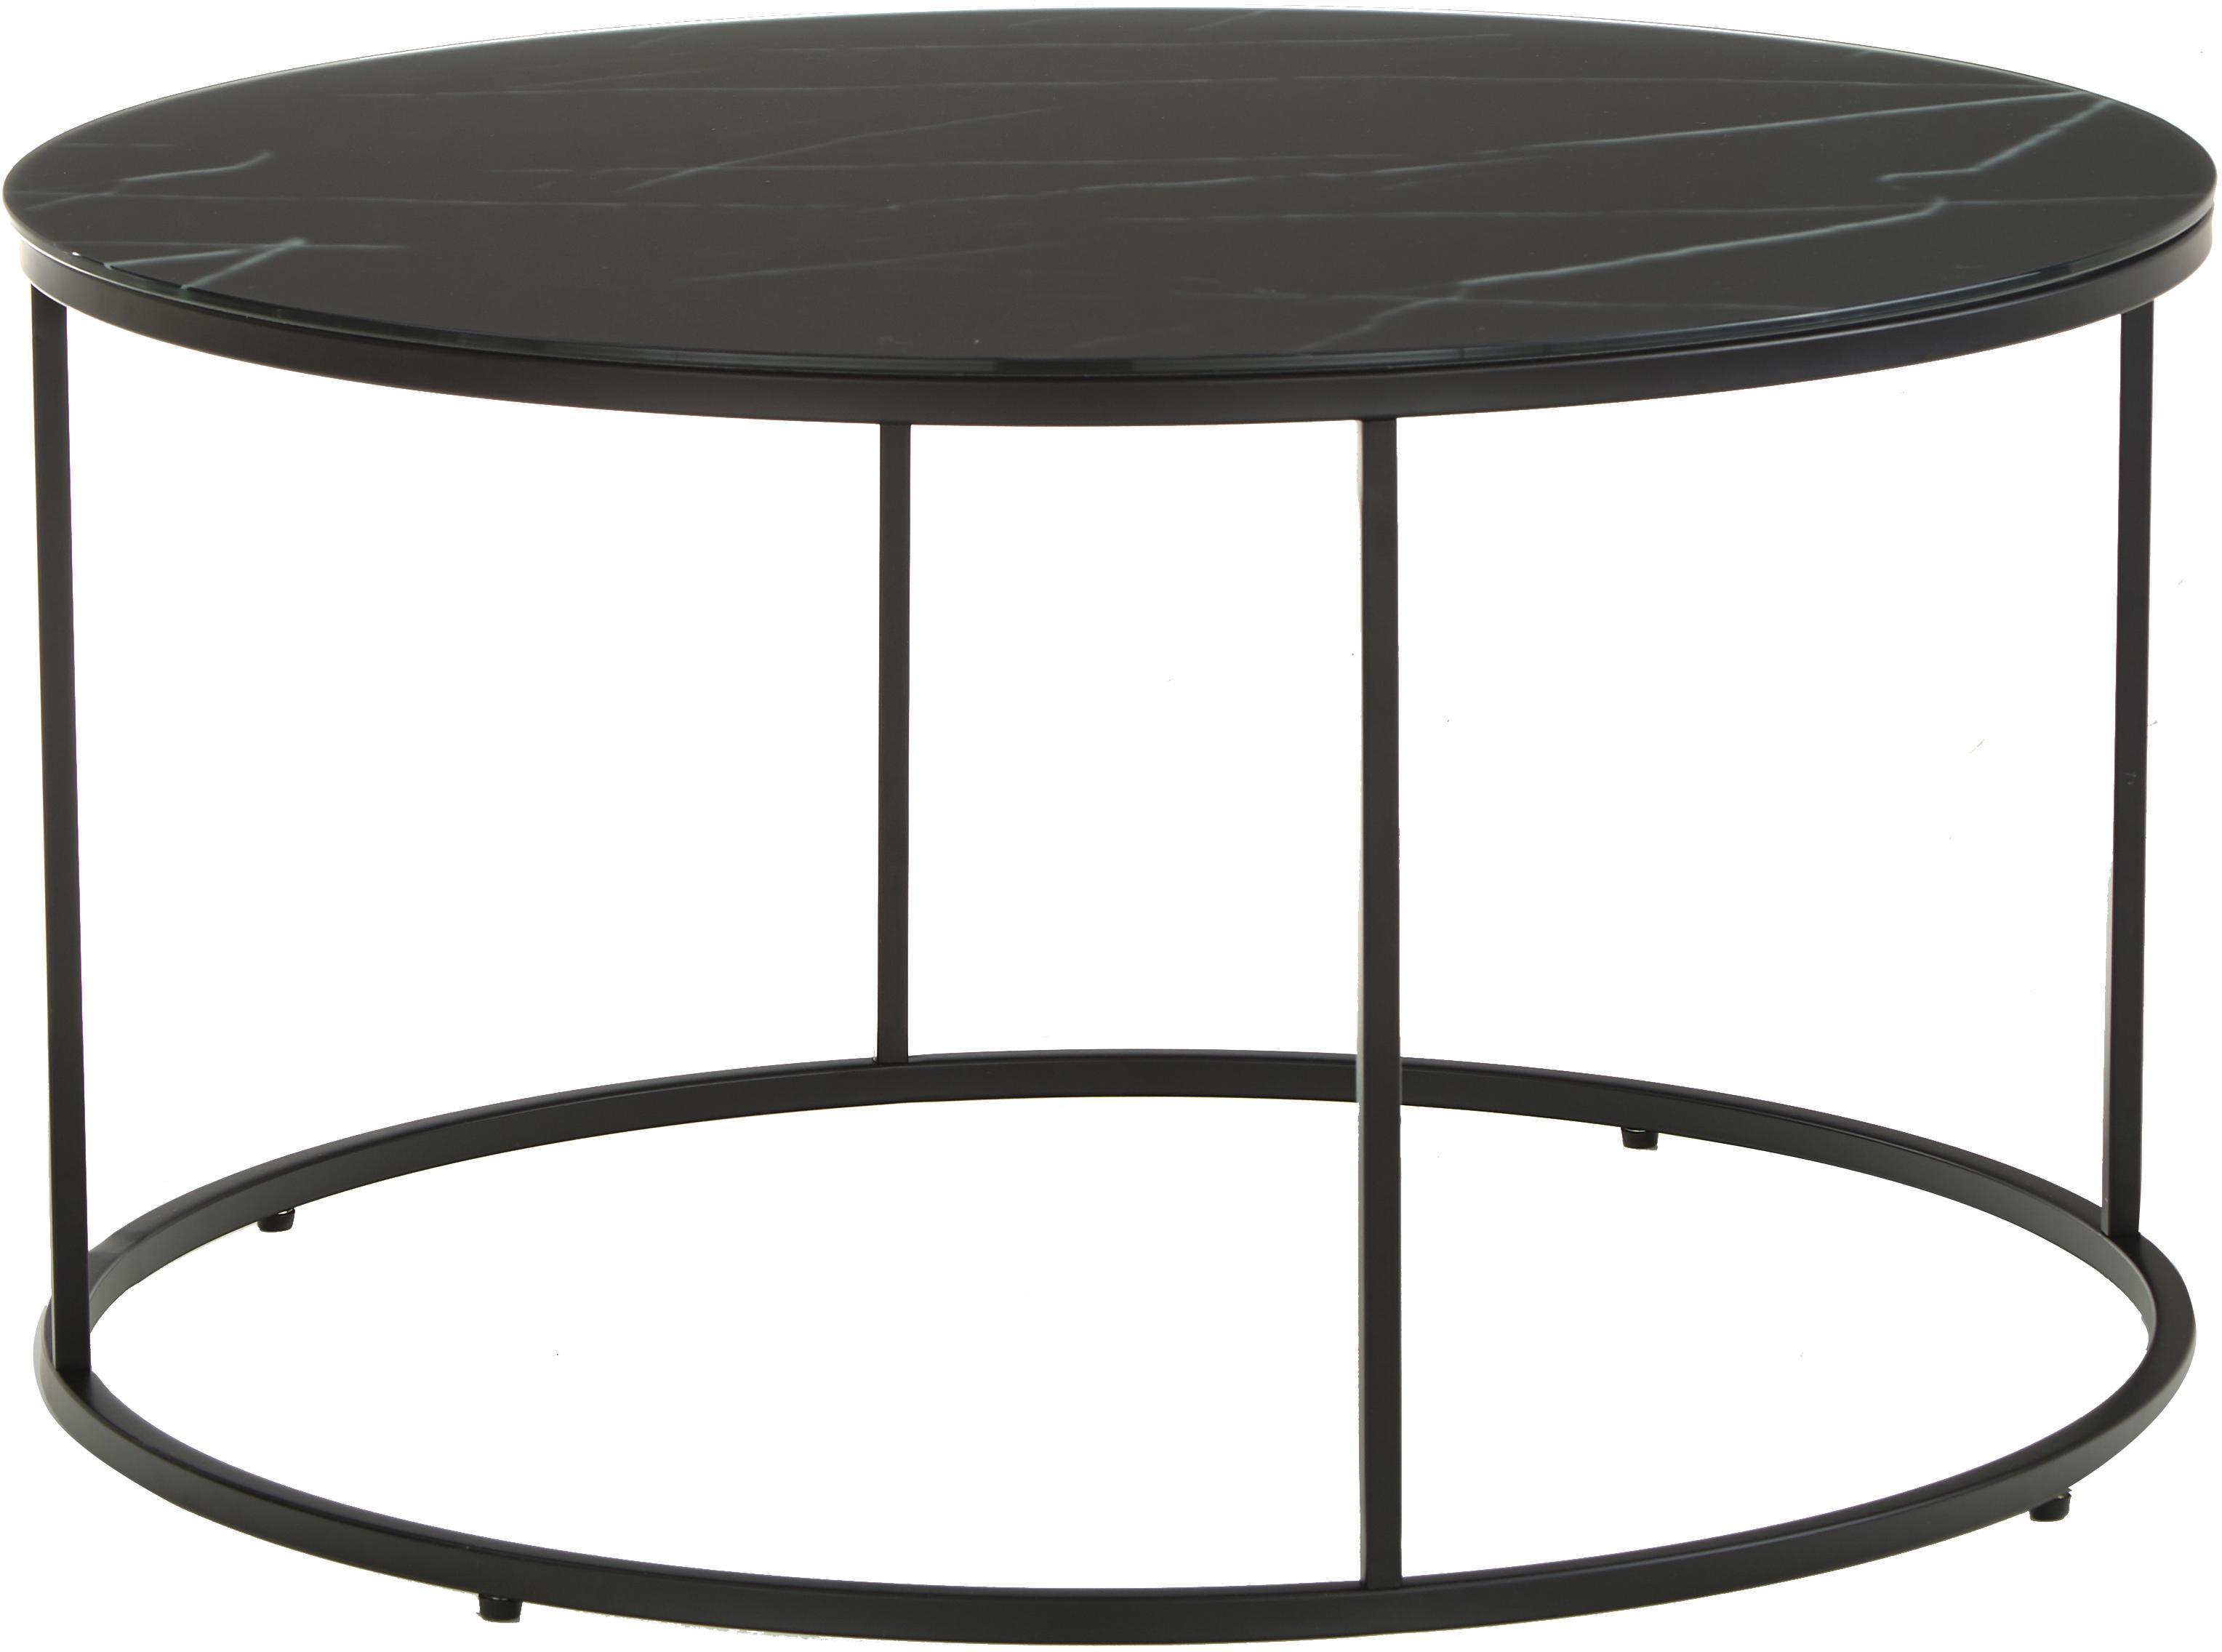 Tavolino da salotto con piano in vetro Antigua, Piano d'appoggio: vetro opaco stampato, Struttura: acciaio, verniciato a pol, Nero-grigio marmorizzato, nero, Ø 80 x Alt. 45 cm